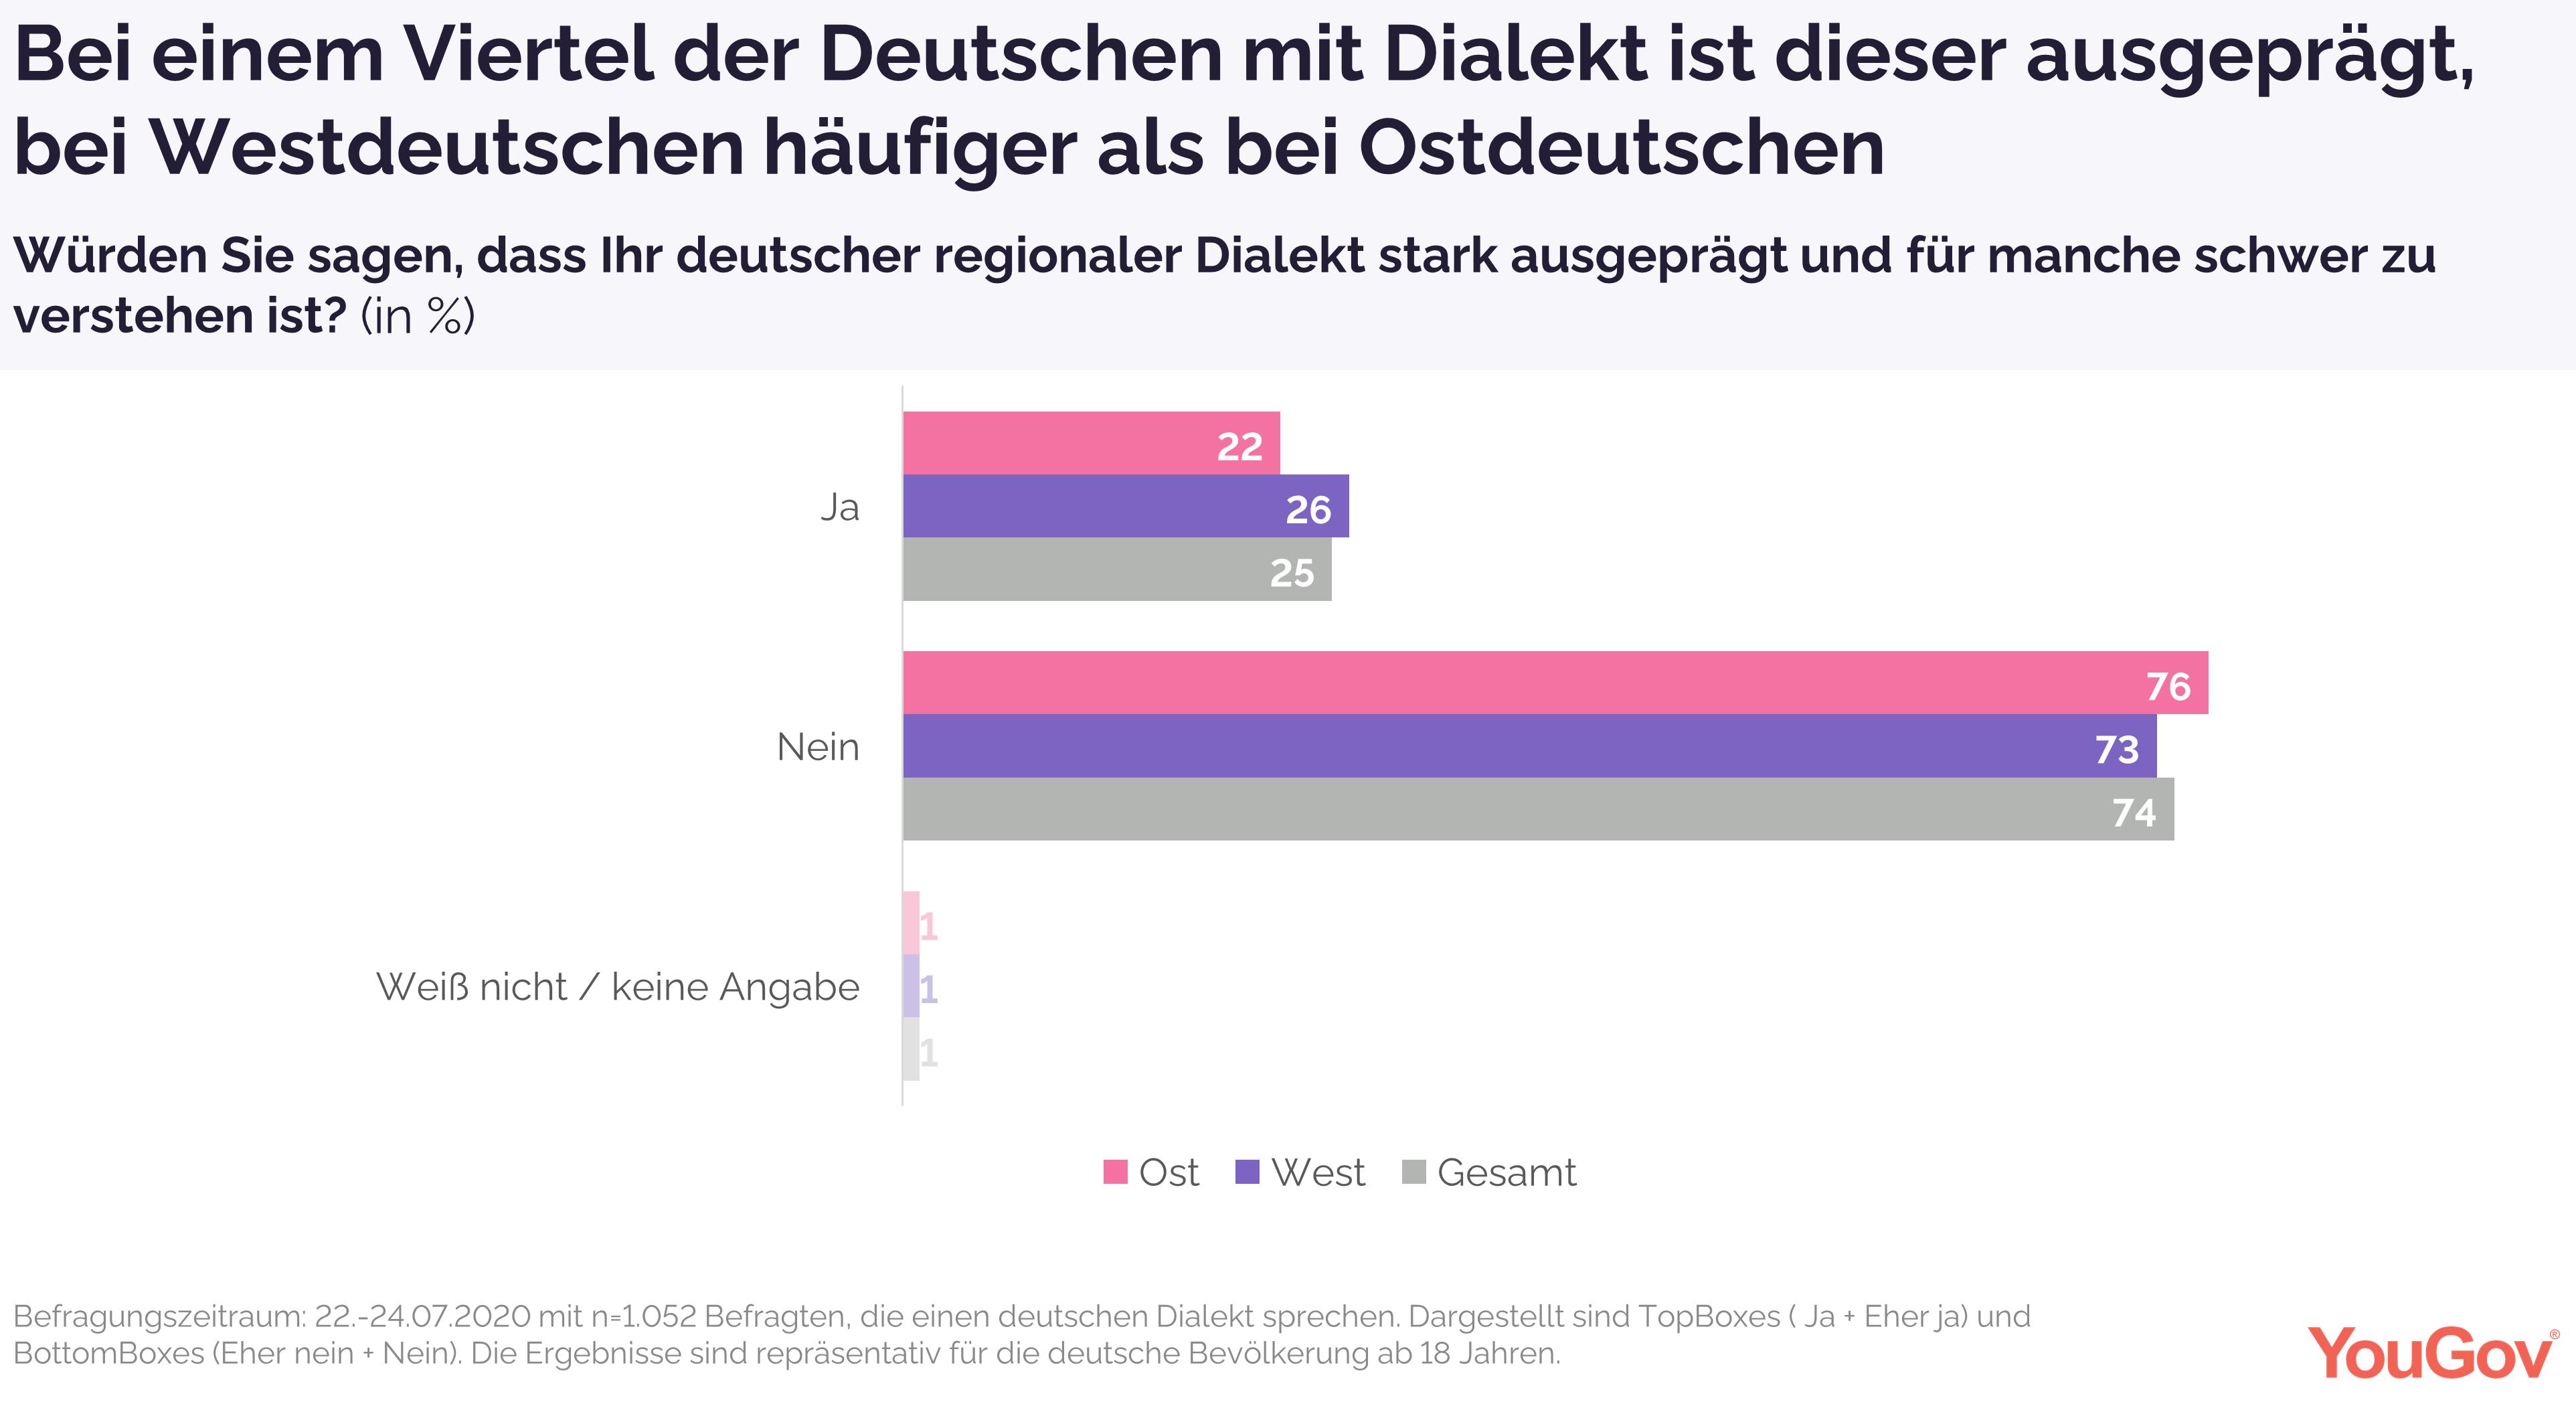 Ein Viertel der Deutschen mit Dialekt haben einen stark ausgeprägten